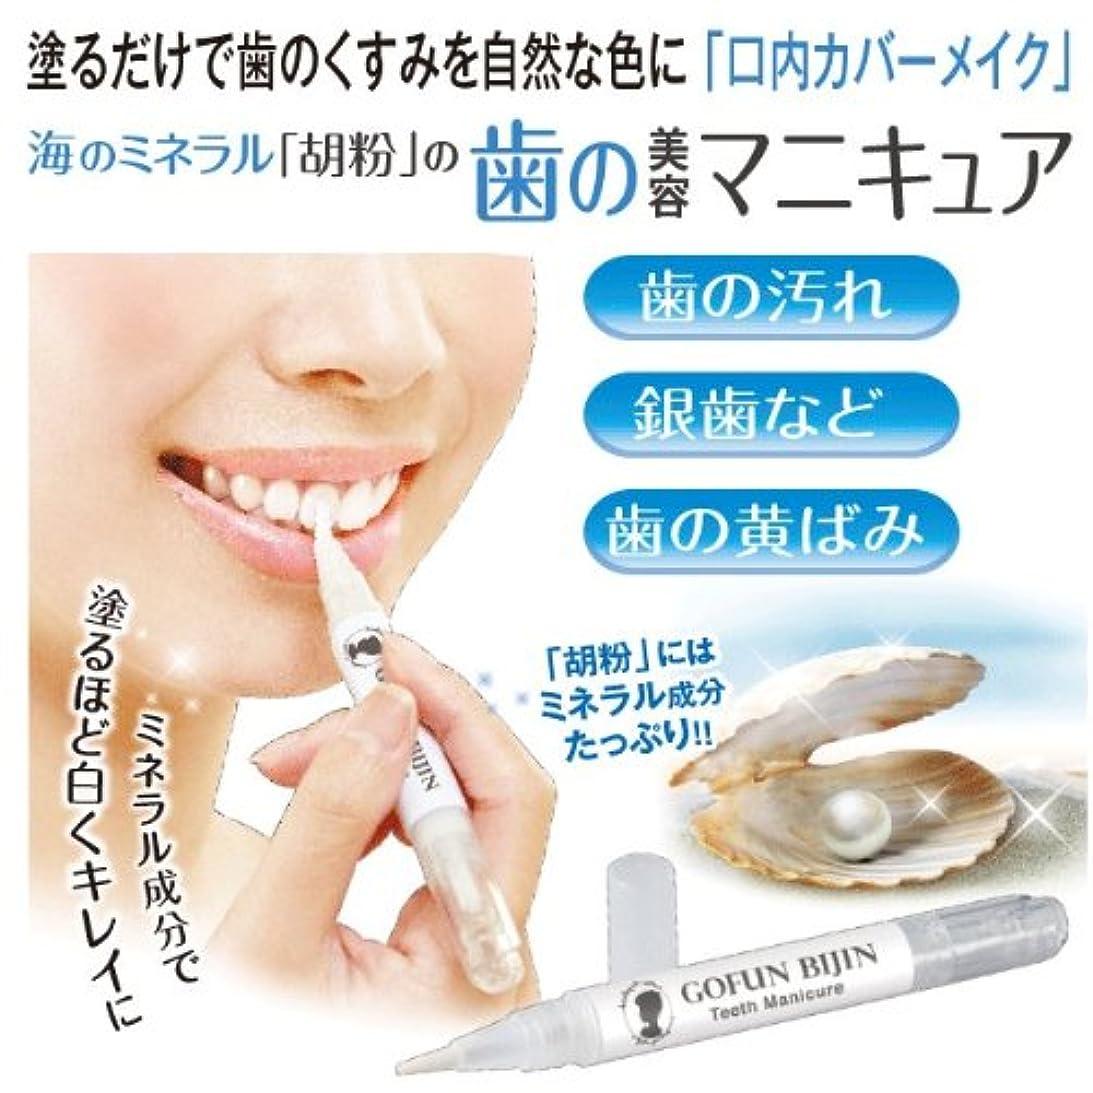 サイレントリプル素晴らしさ胡粉美人 歯マニキュア 歯にミネラルを補給してキレイに